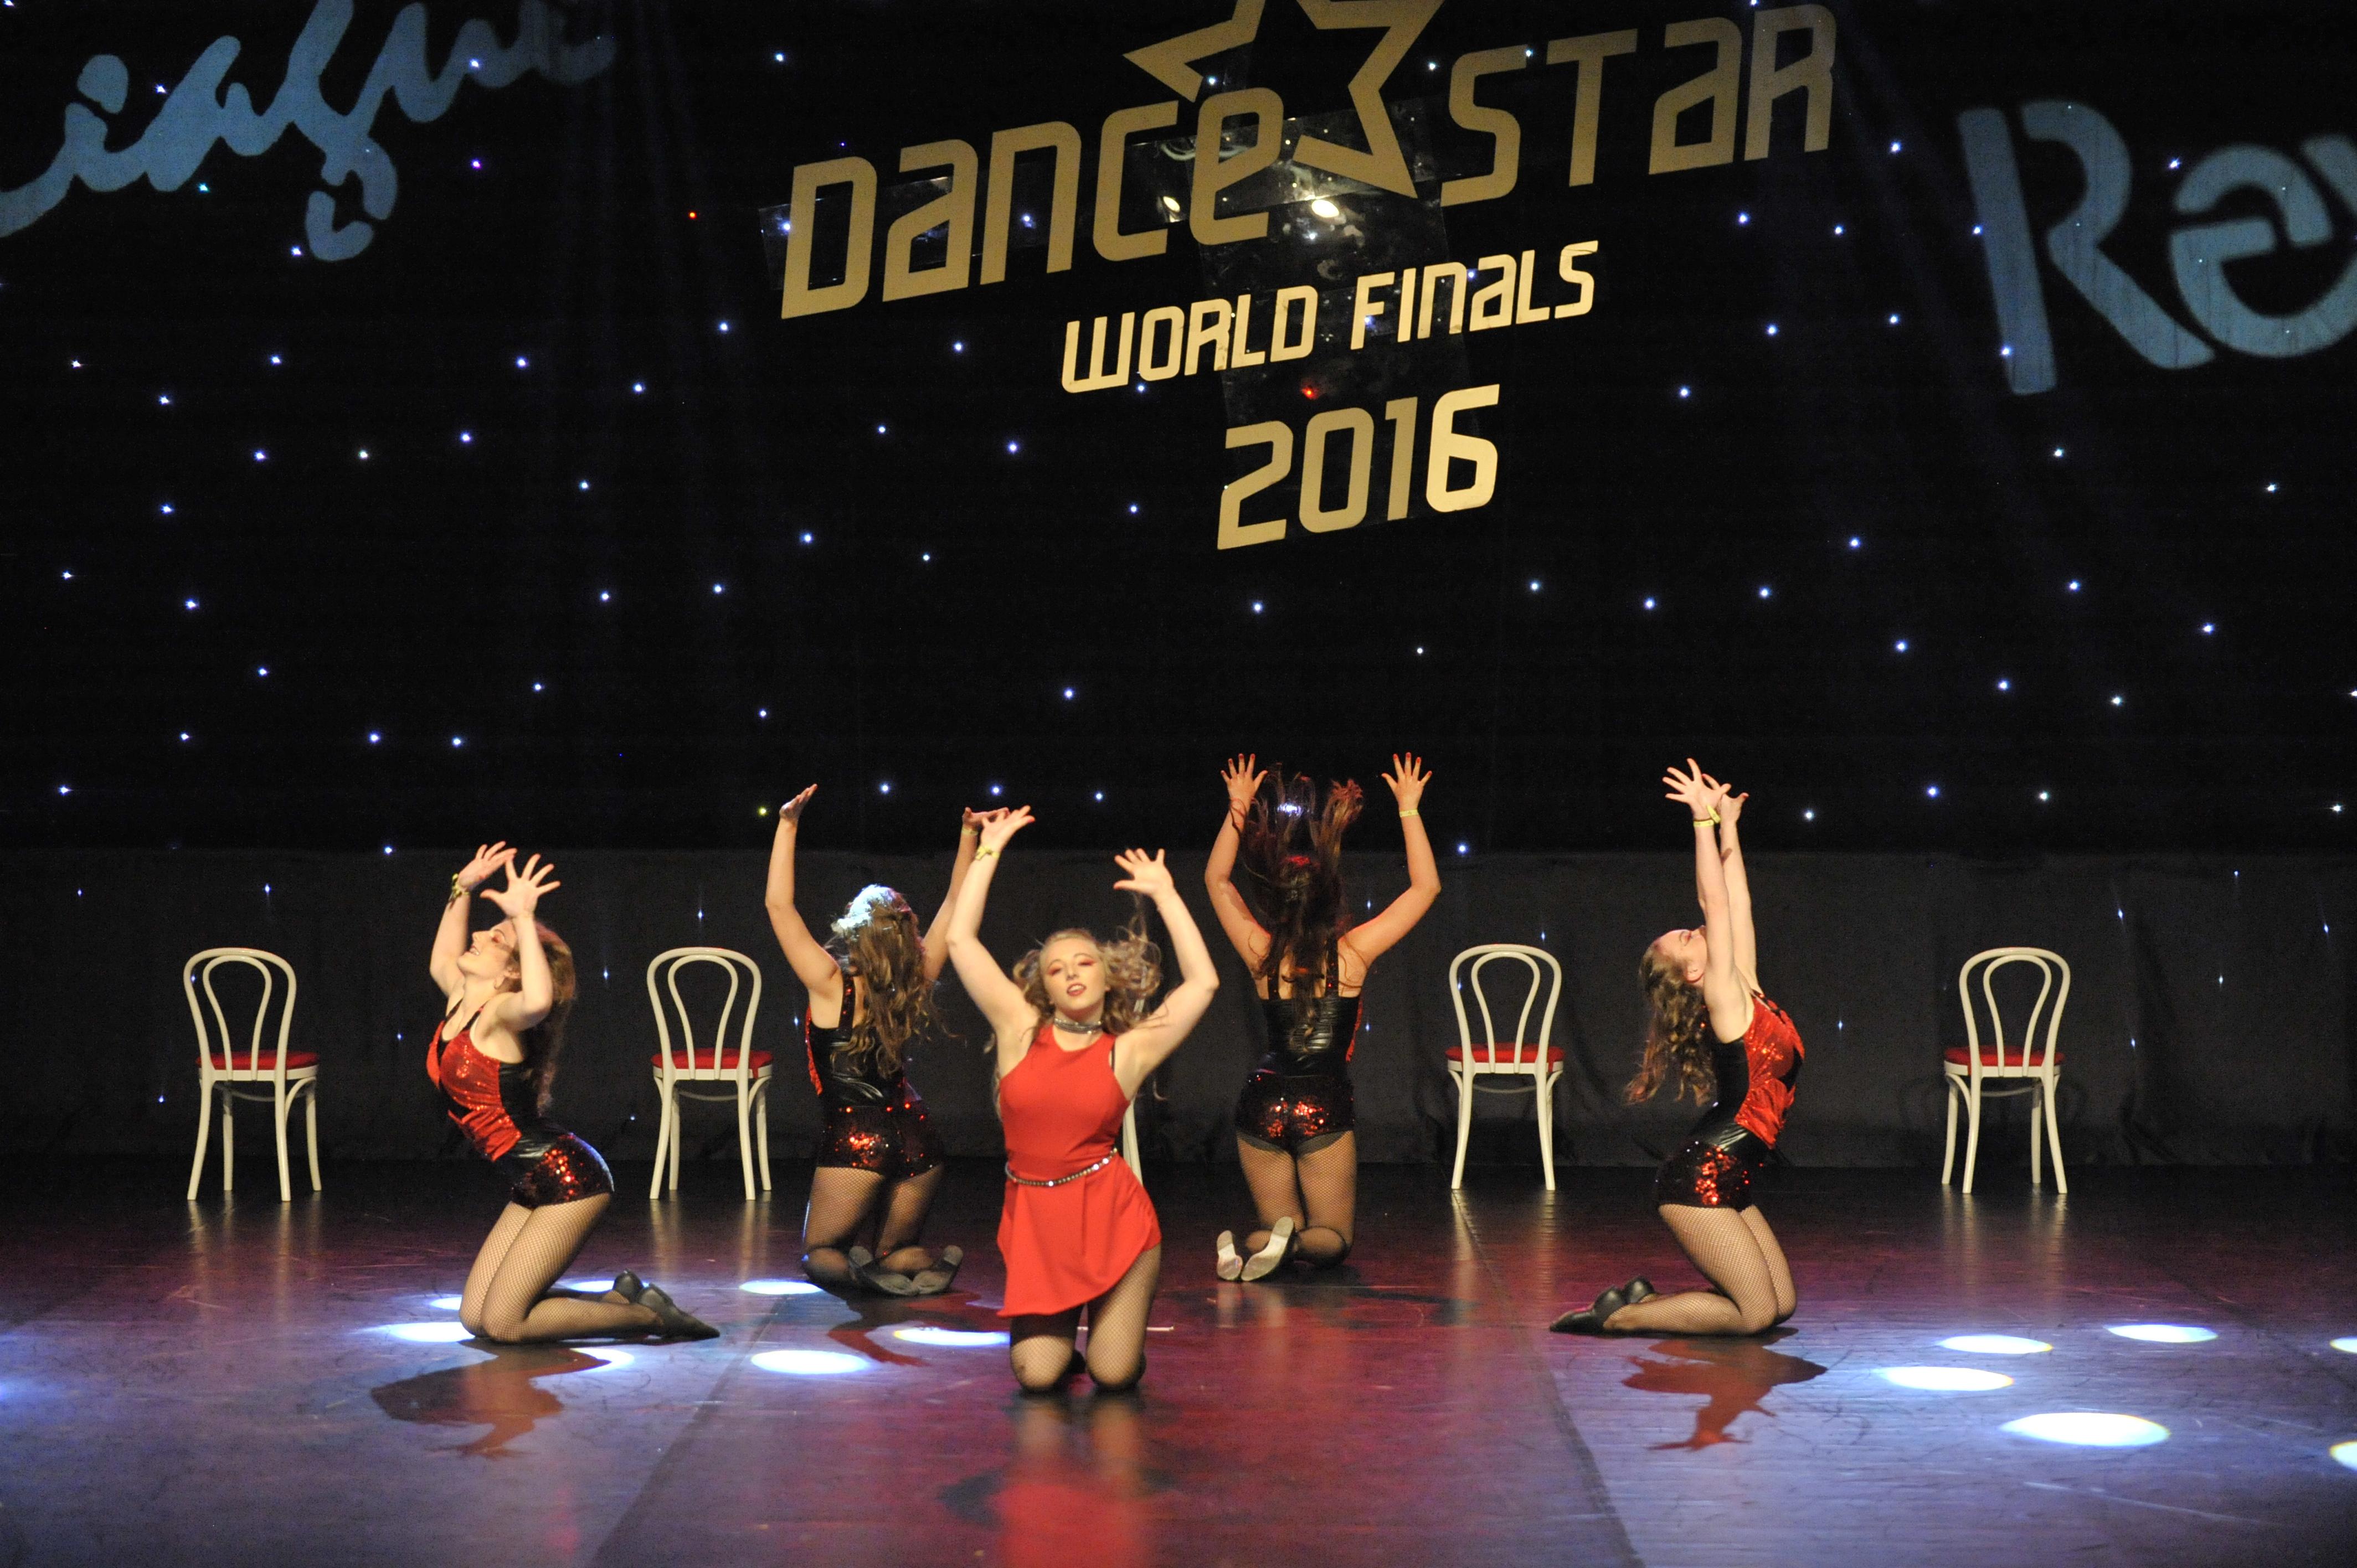 Dance Factory Teilnehmerinnen bei World Final 2016